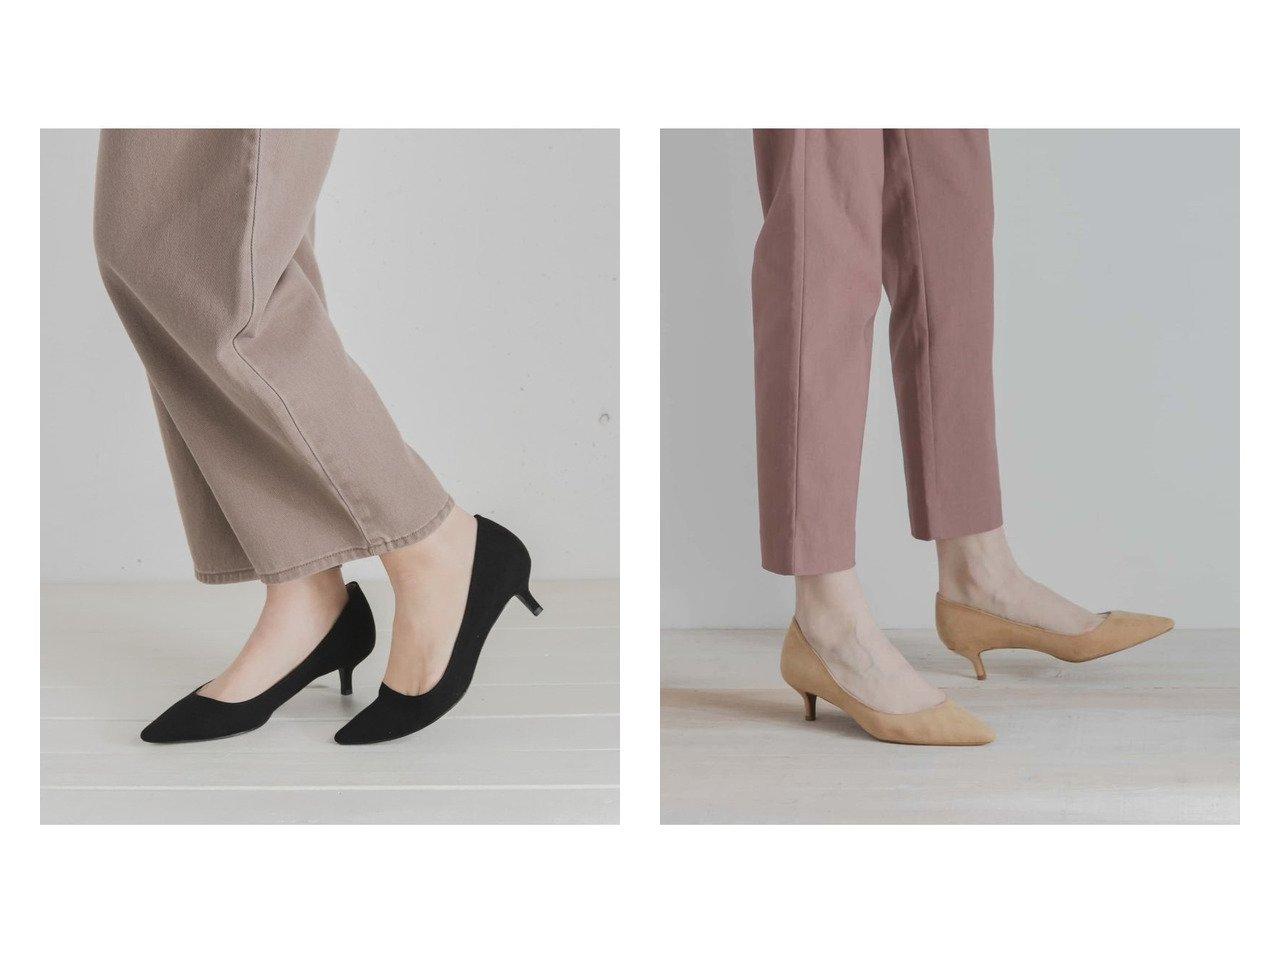 【SENSE OF PLACE / URBAN RESEARCH/センス オブ プレイス】のポインテッドトウパンプス シューズ・靴のおすすめ!人気、トレンド・レディースファッションの通販  おすすめで人気の流行・トレンド、ファッションの通販商品 メンズファッション・キッズファッション・インテリア・家具・レディースファッション・服の通販 founy(ファニー) https://founy.com/ ファッション Fashion レディースファッション WOMEN シューズ ベーシック 春 Spring  ID:crp329100000015621